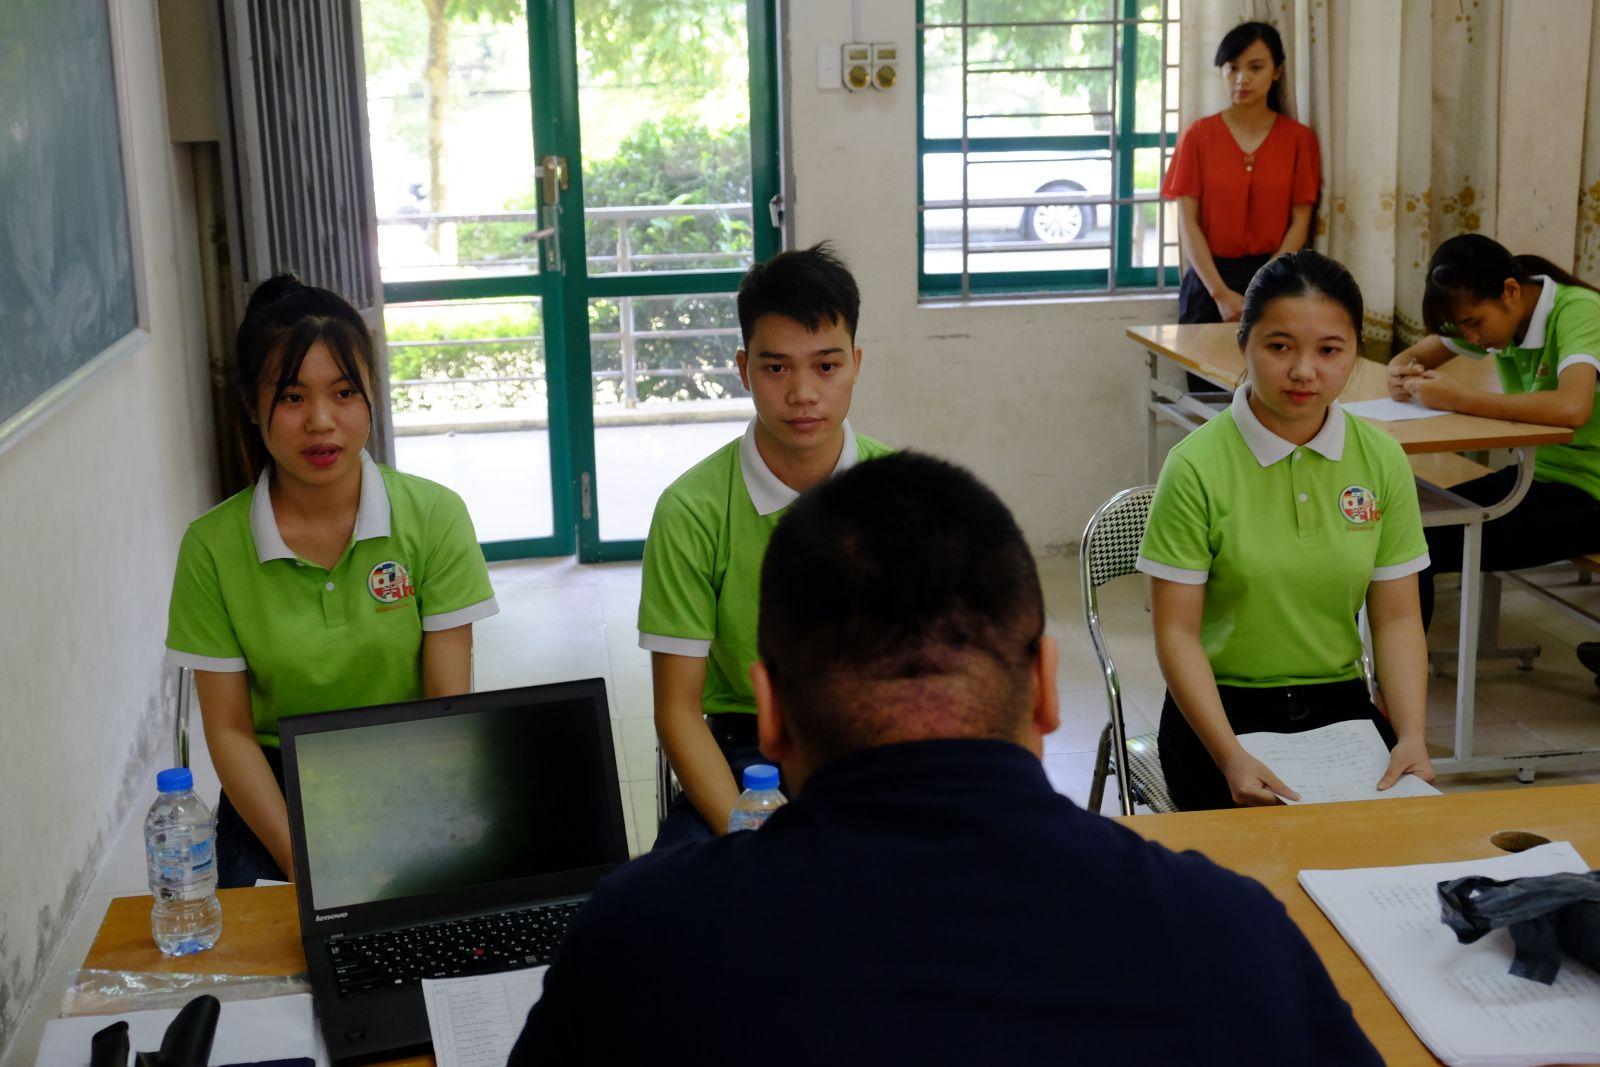 Tuy nhiên, với sự thân thiện, cởi mở của thầy giáo, các bạn thí sinh đã thoải mái hơn rất nhiều và hoàn thành tốt phần thi của mình